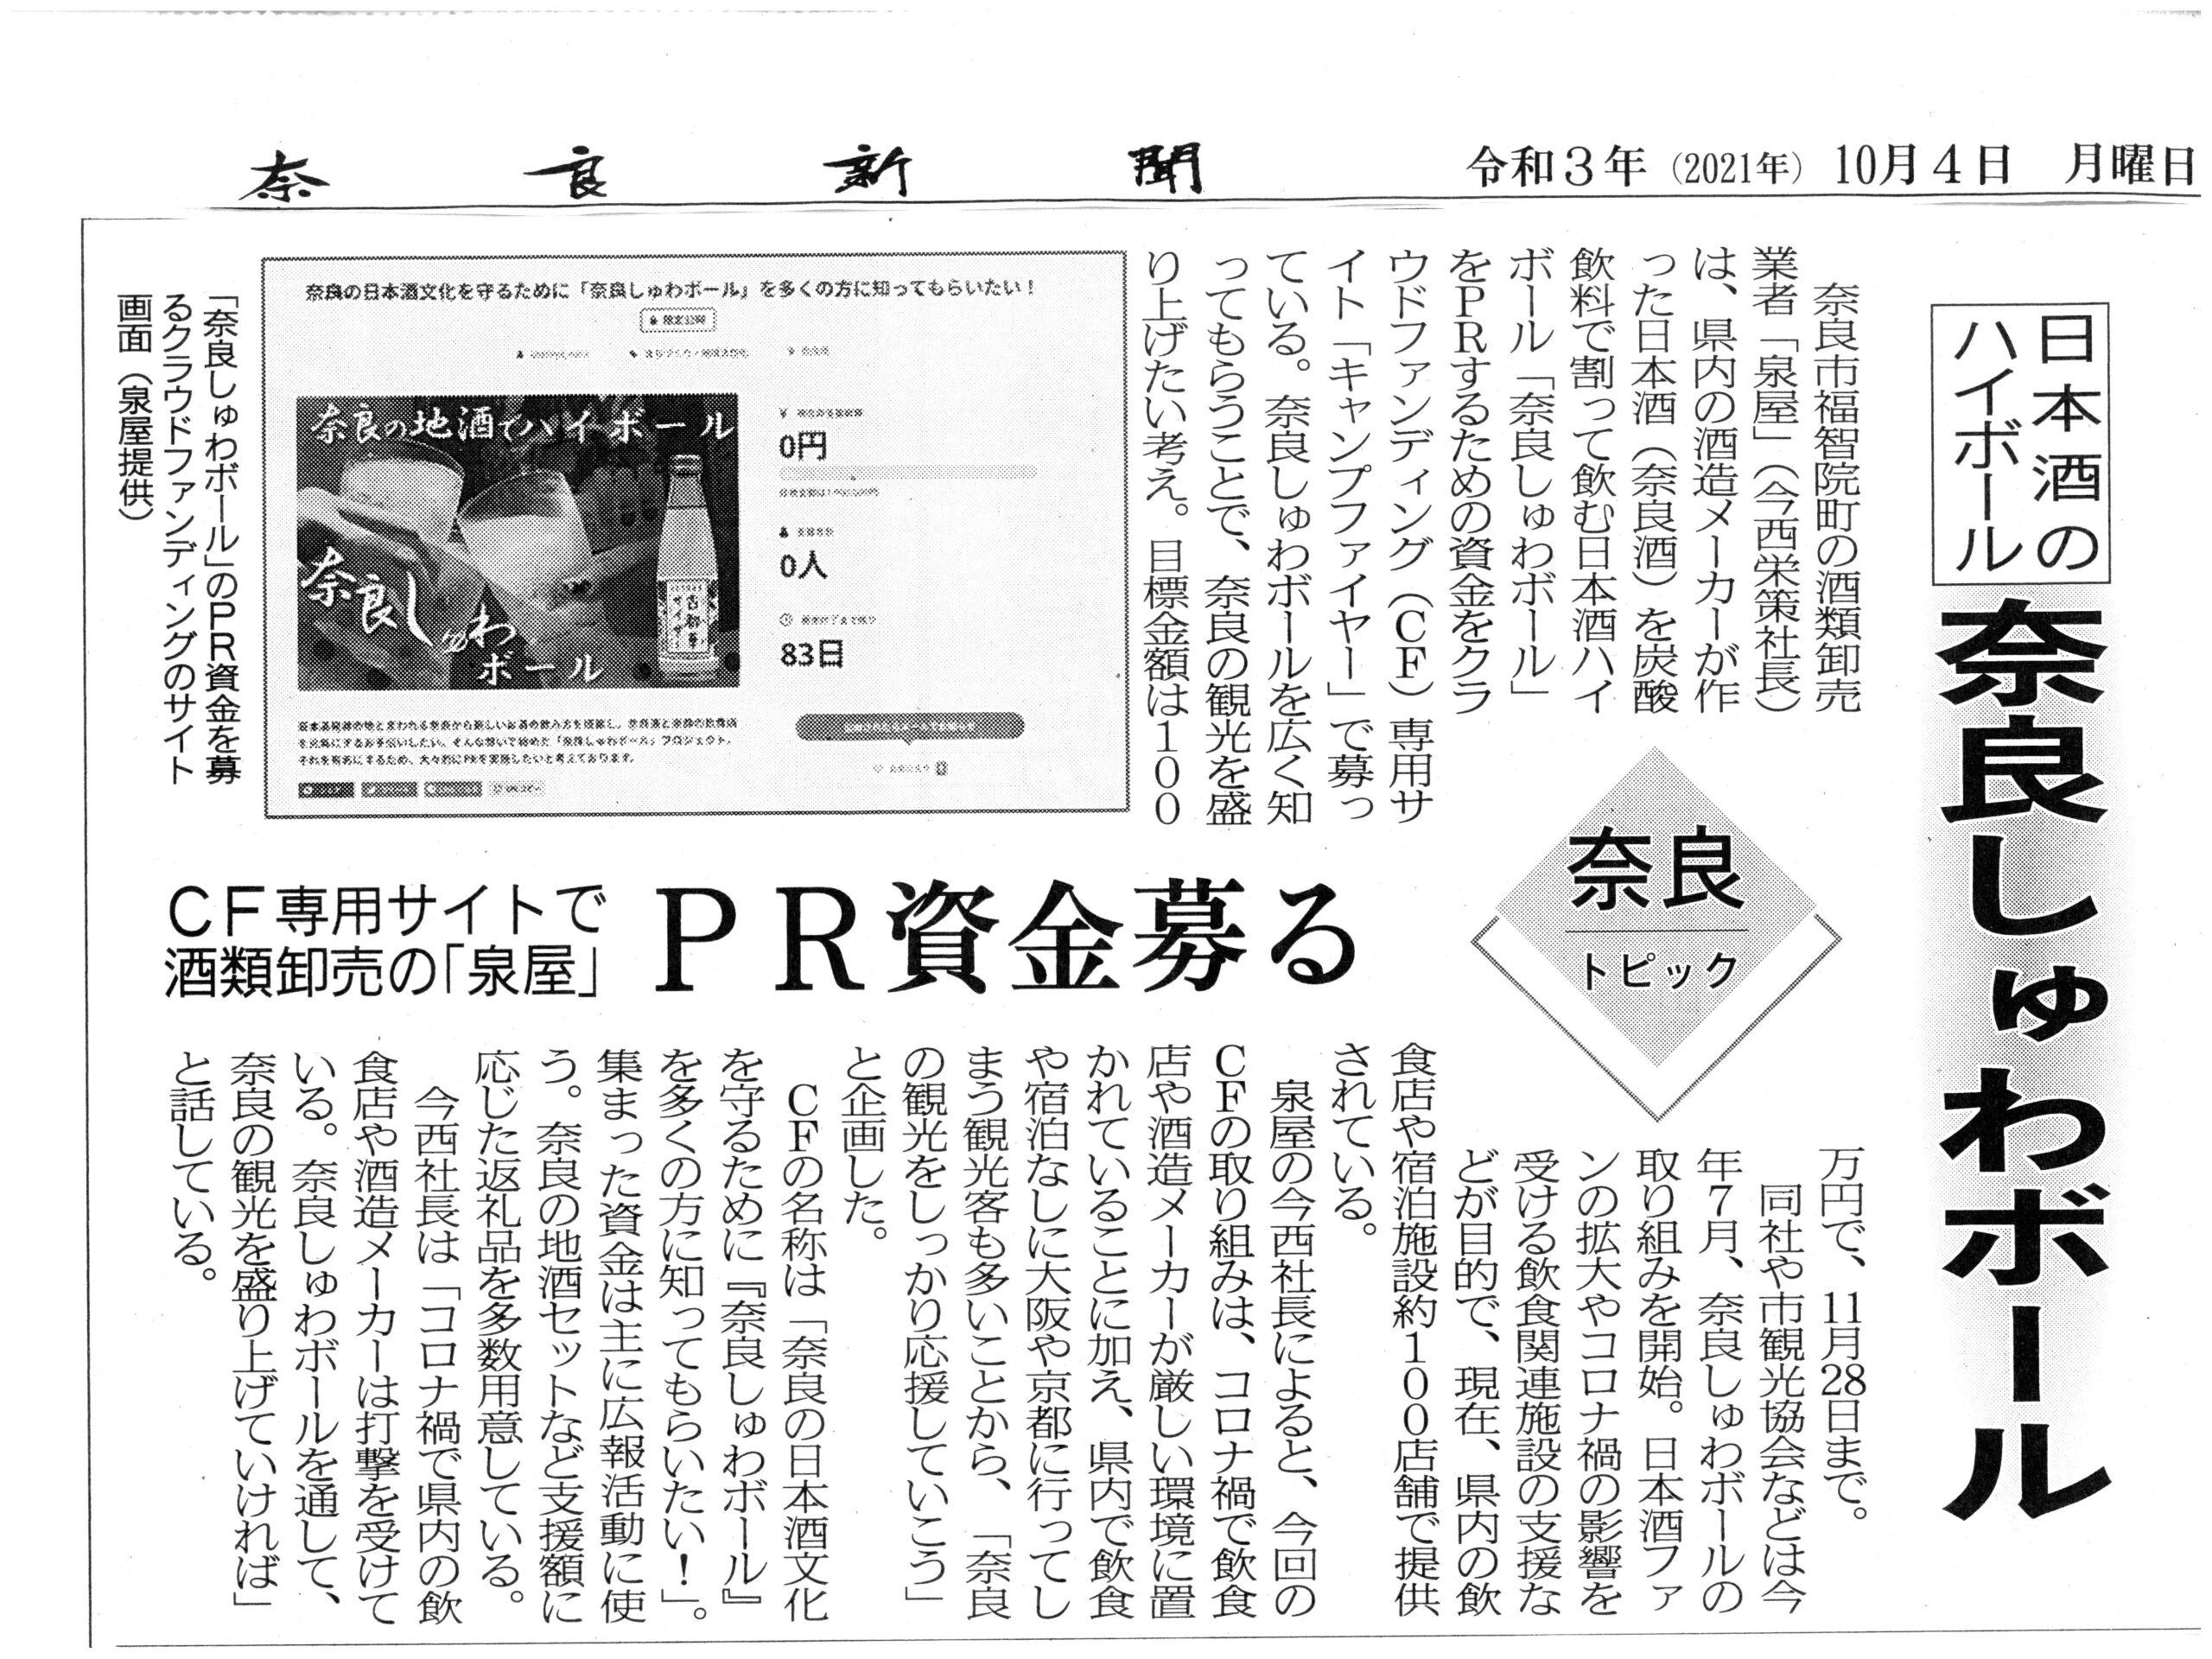 奈良新聞にクラウドファンディングが掲載されました!